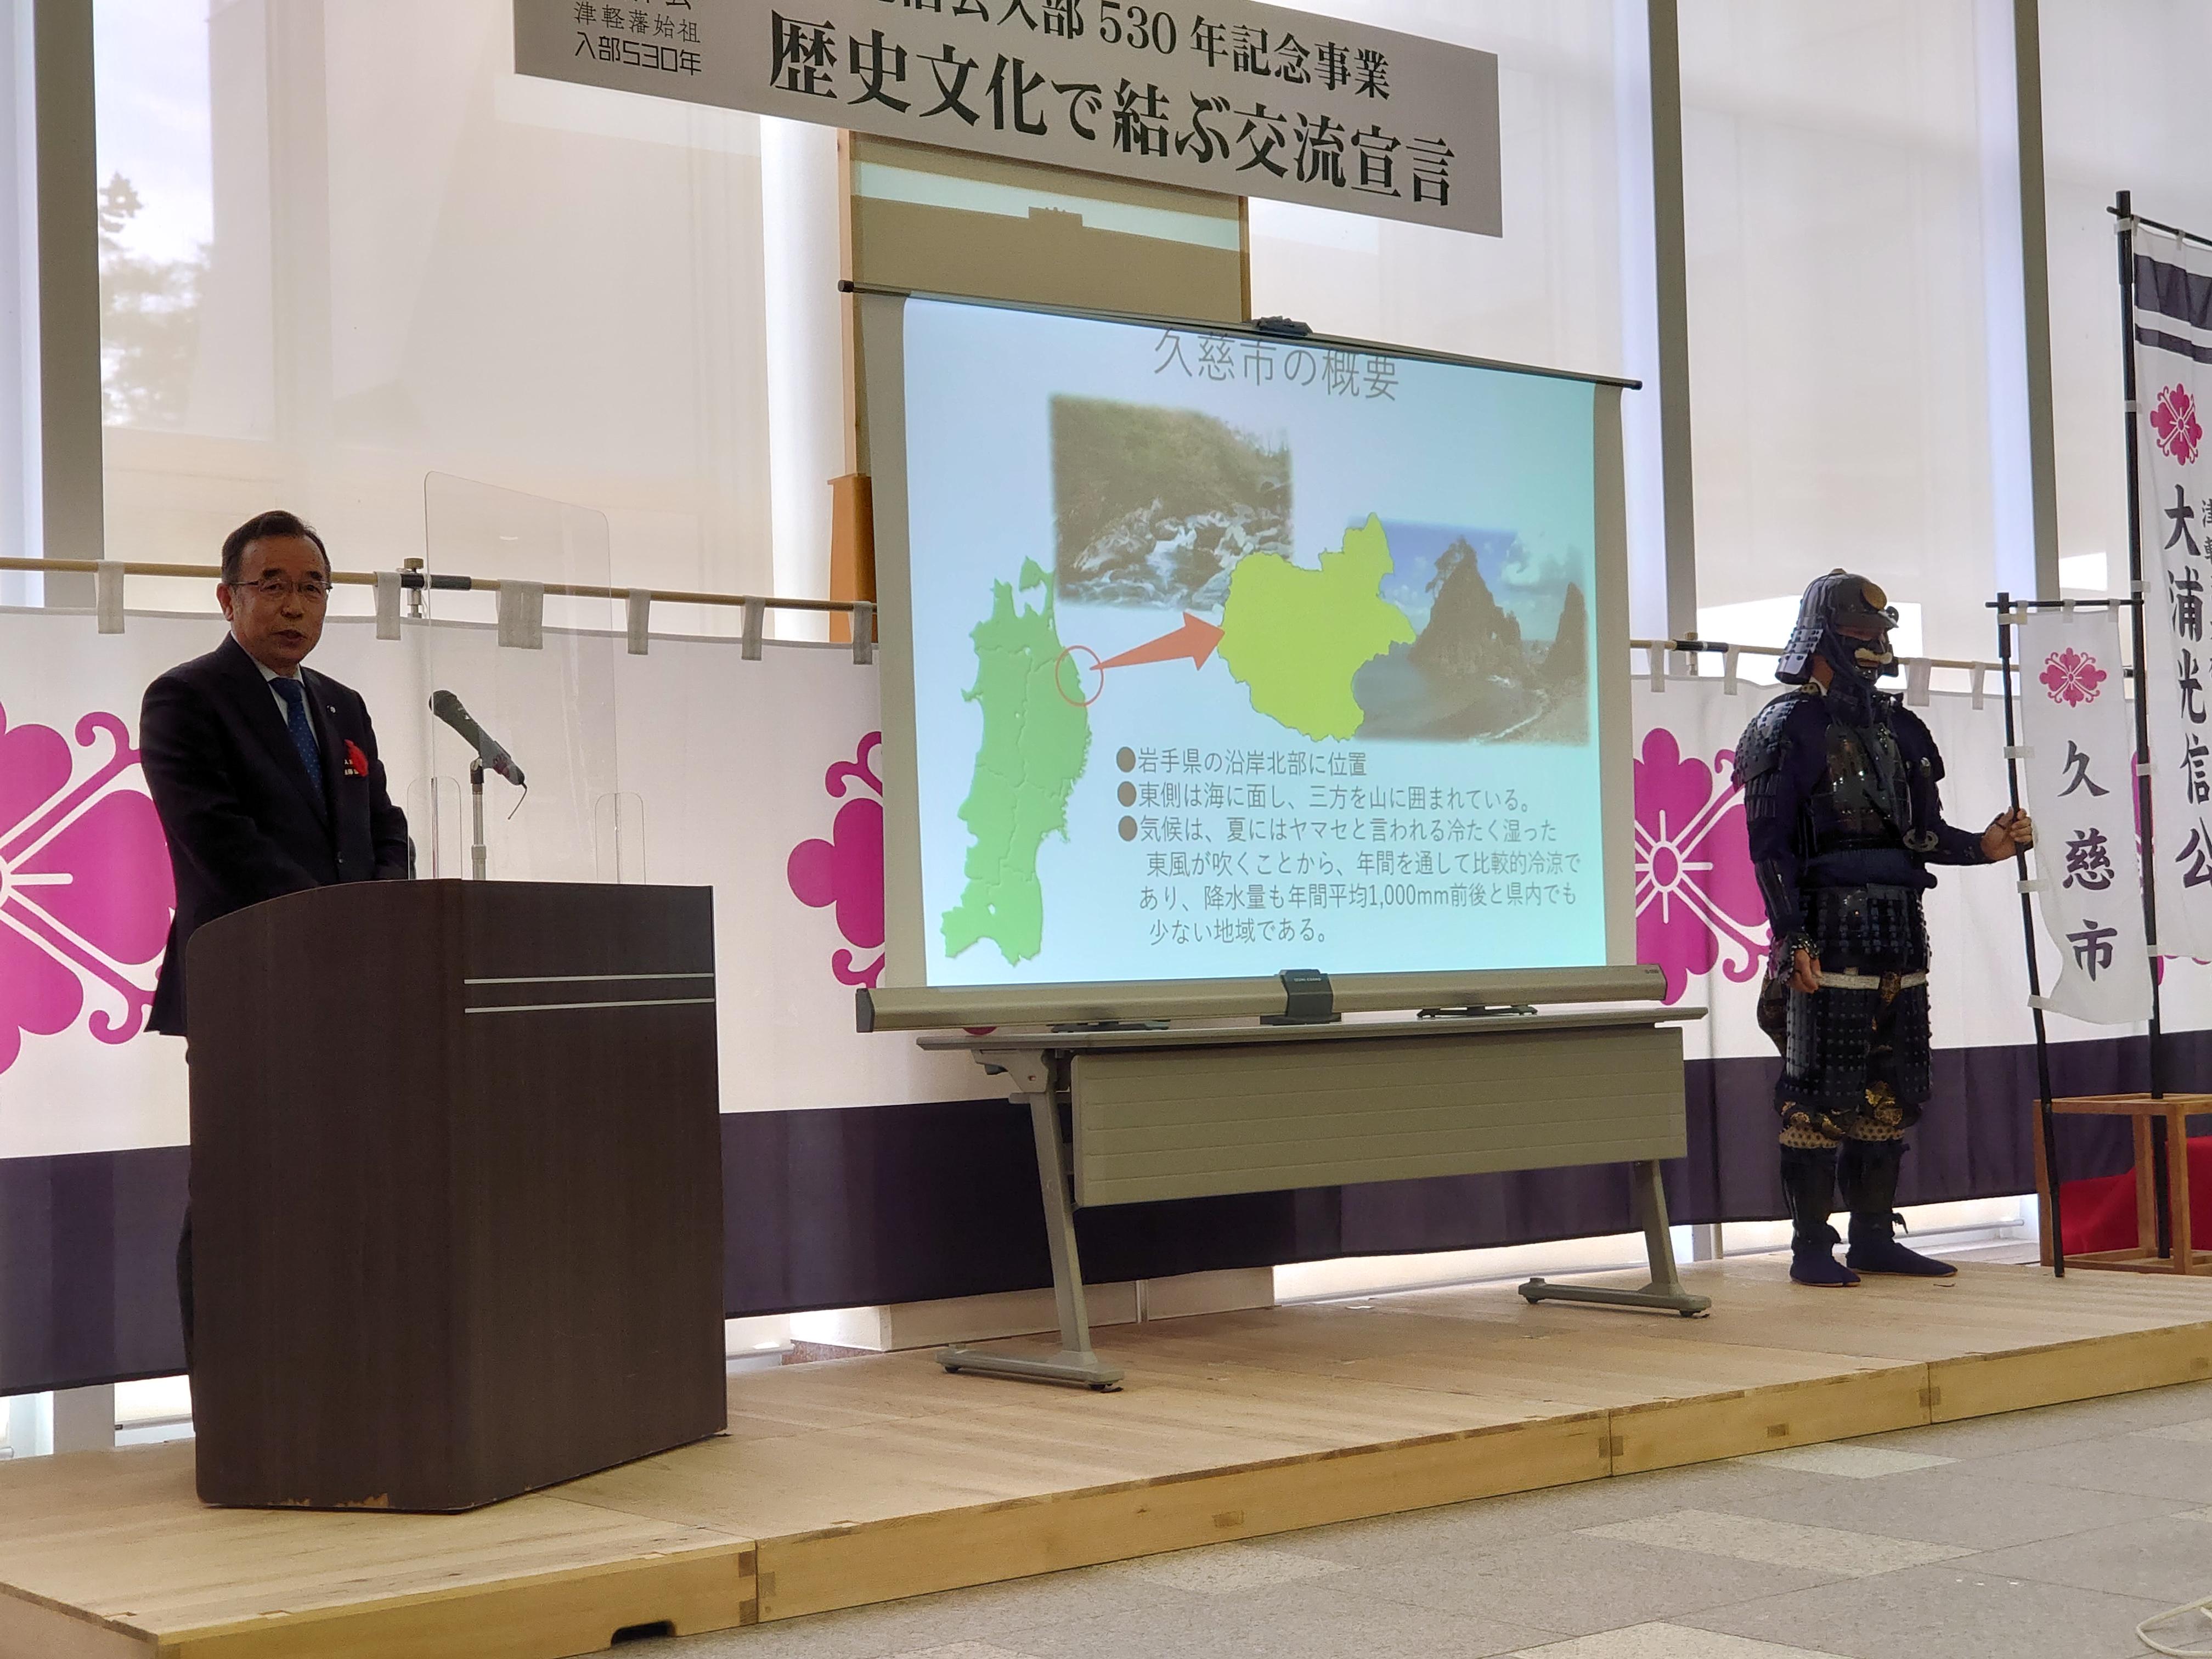 画像:光信公入部530年記念事業「歴史文化で結ぶ交流宣言」セレモニーに出席しました。